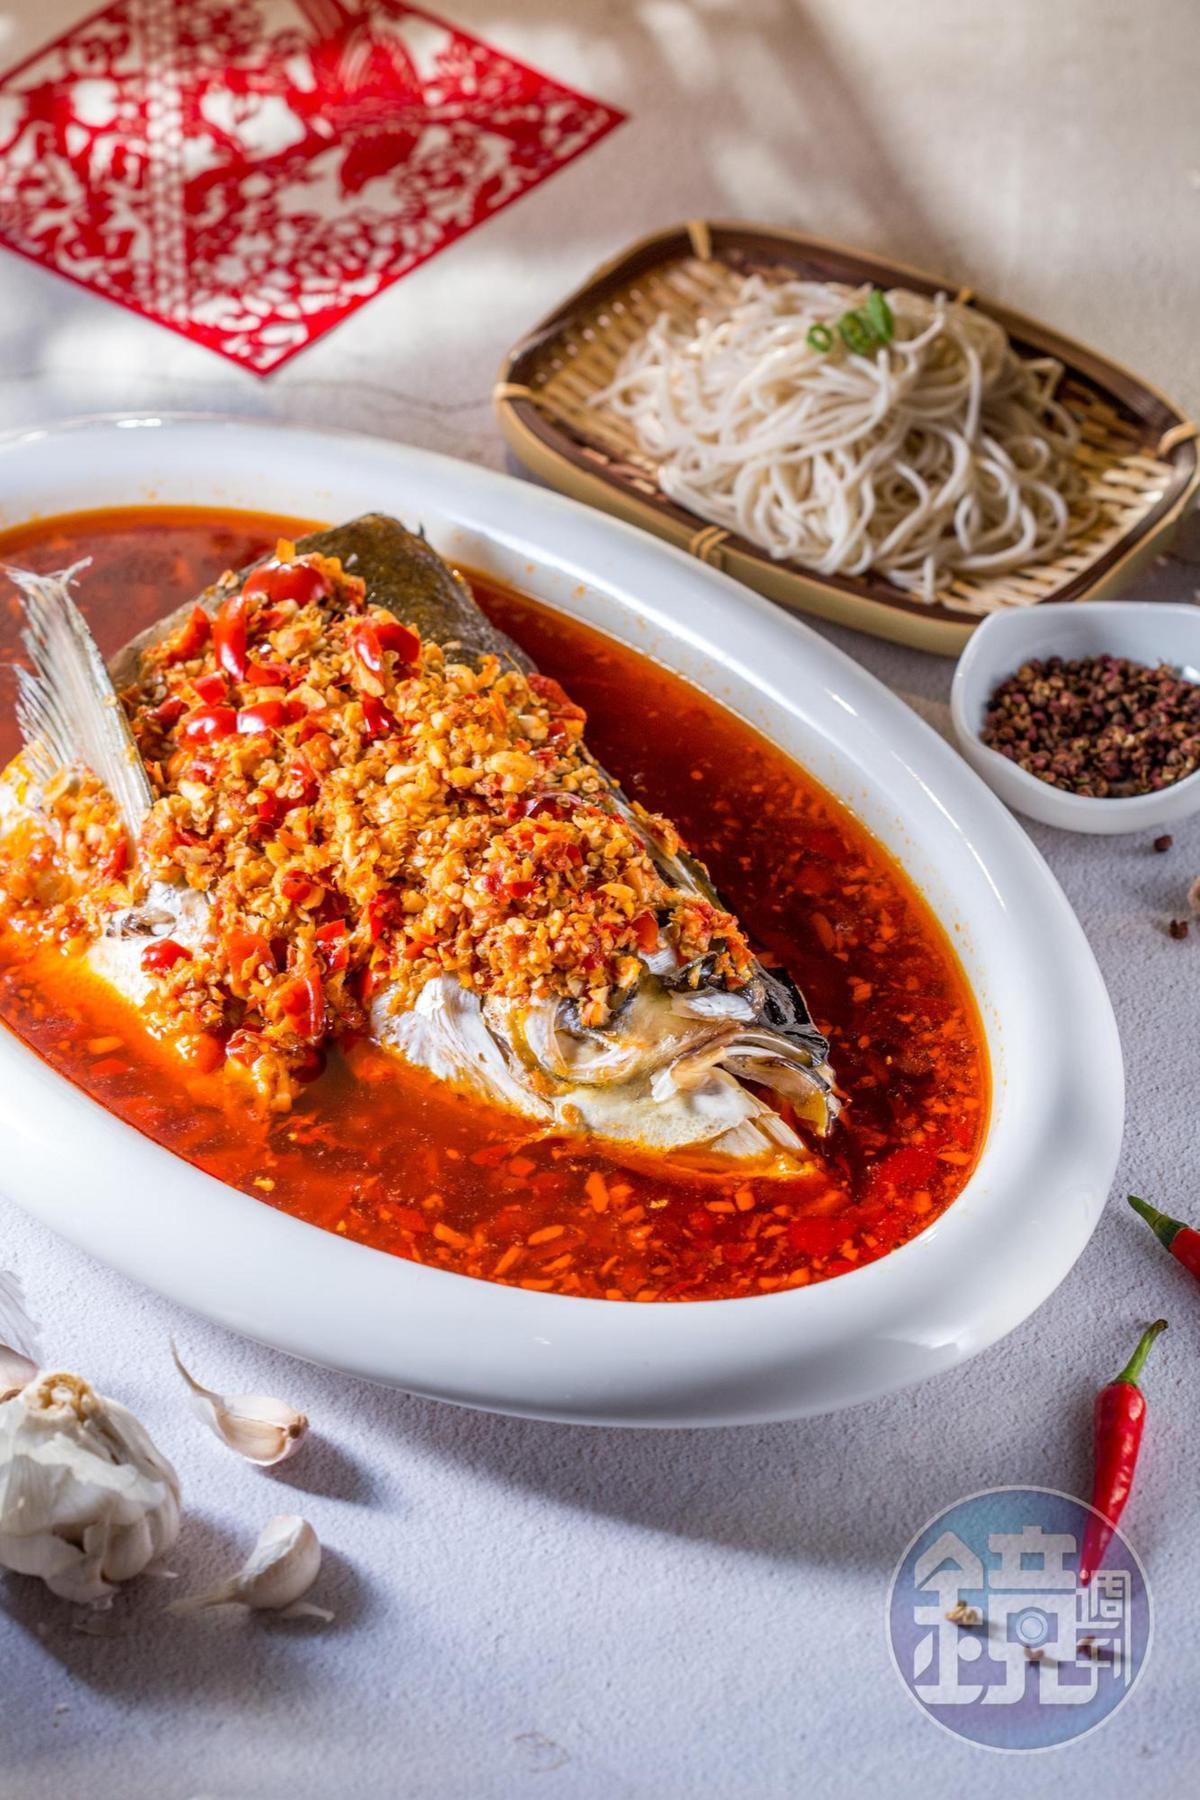 「湘味剁椒鰱魚頭」嘗來辣氣溫和,麻味徐徐蔓延,自然發酵的酸香味,增添味覺層次。(1,688元/份)